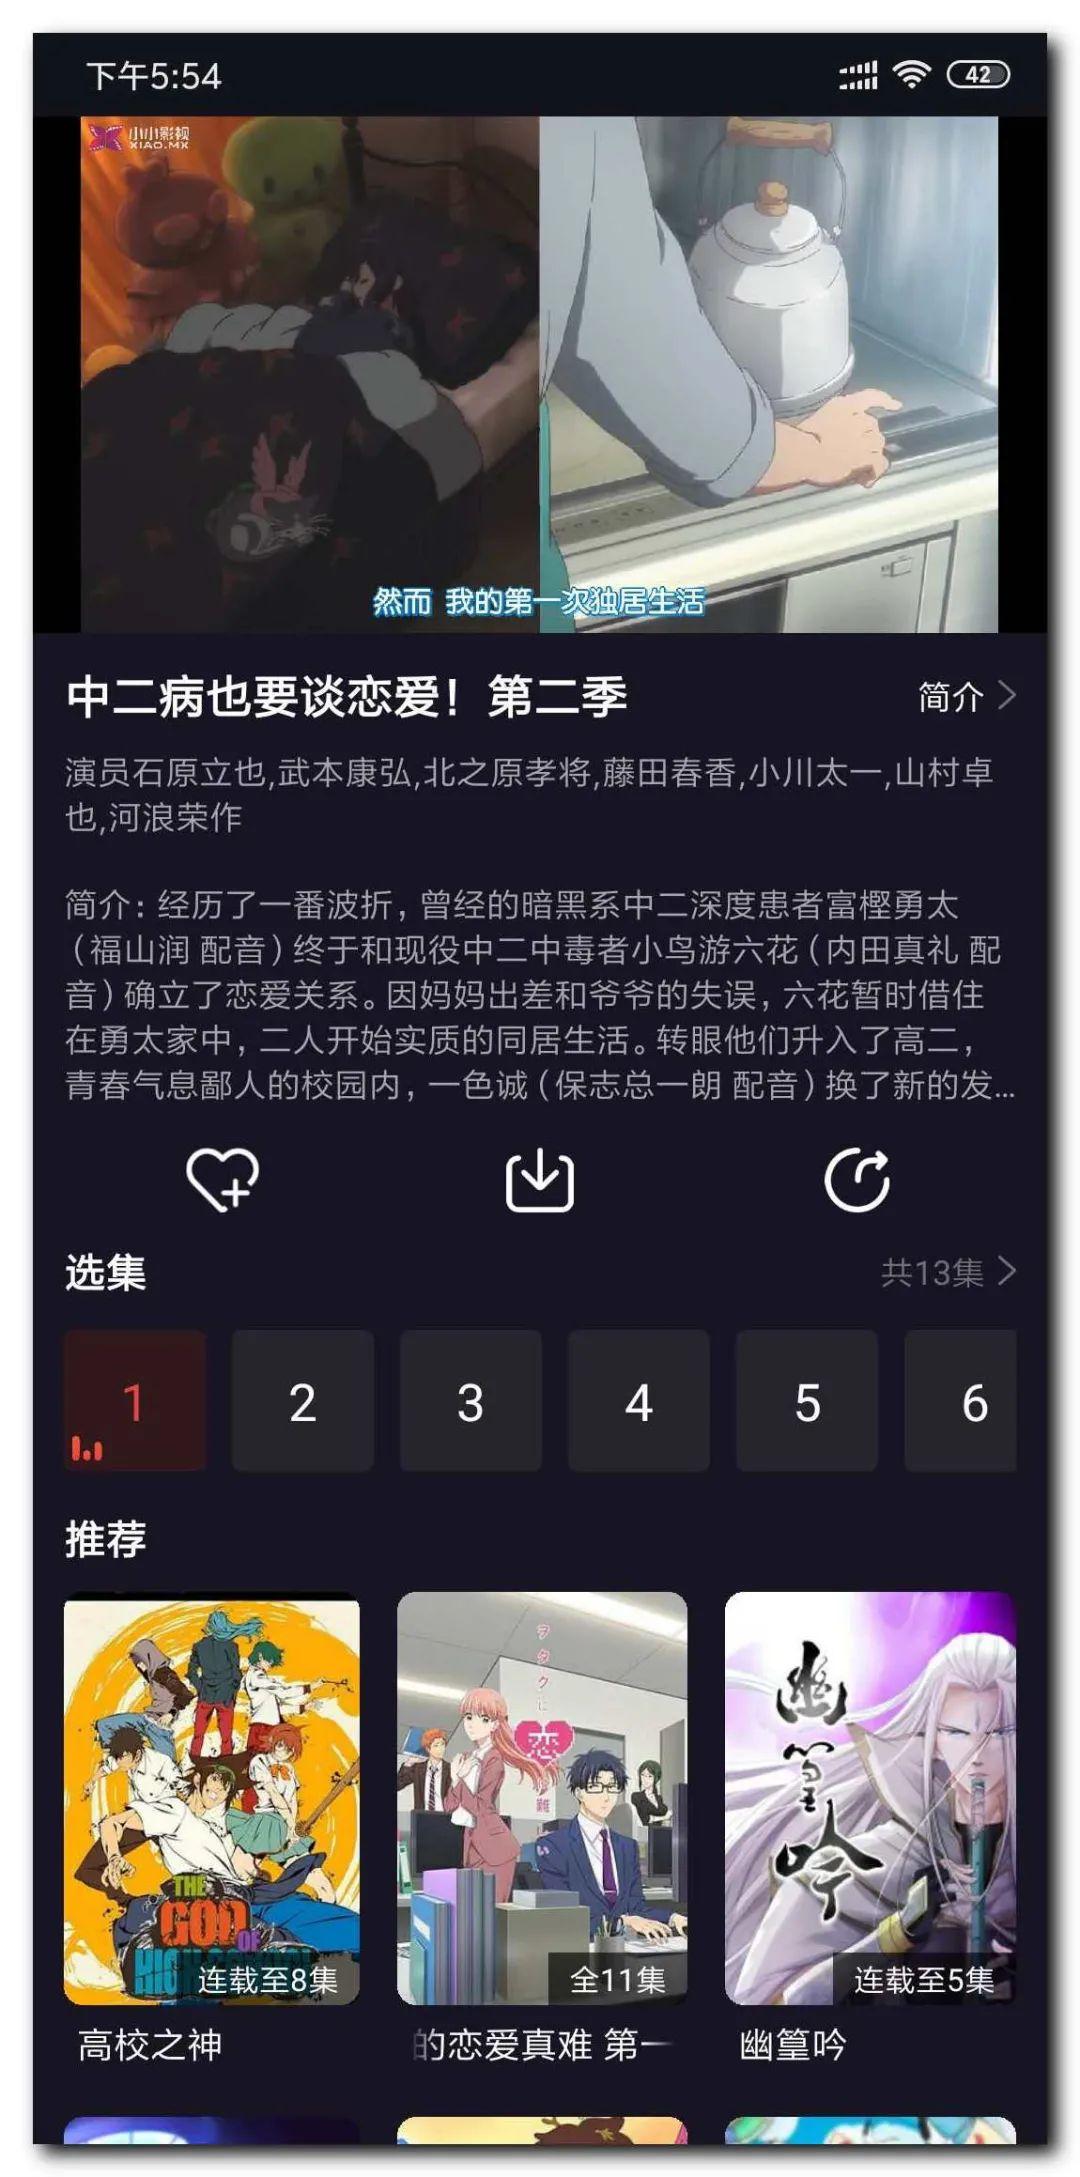 番茄影视美剧韩剧超清无码,未删减无限制看各大网站视频!